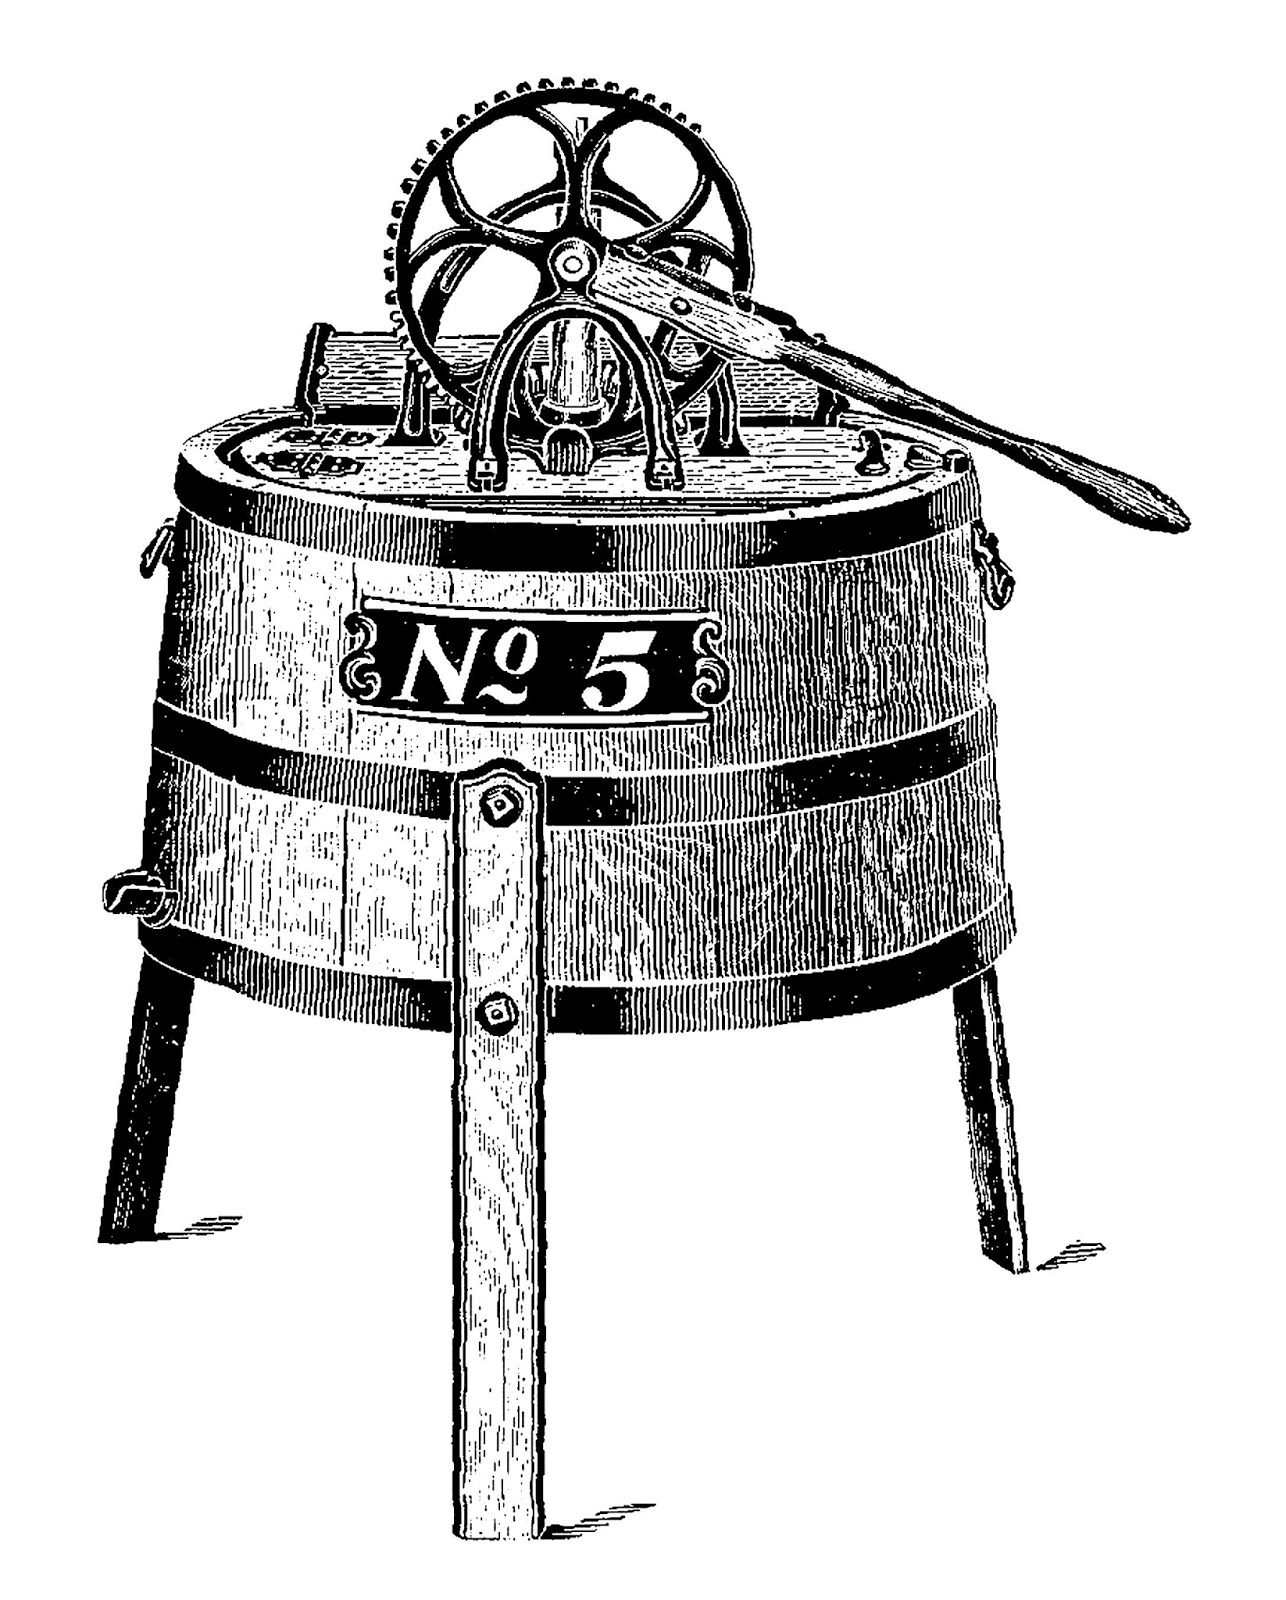 Vintage washing machine clipart svg Antique Images: Digital Image Download of Vintage Washing ... svg